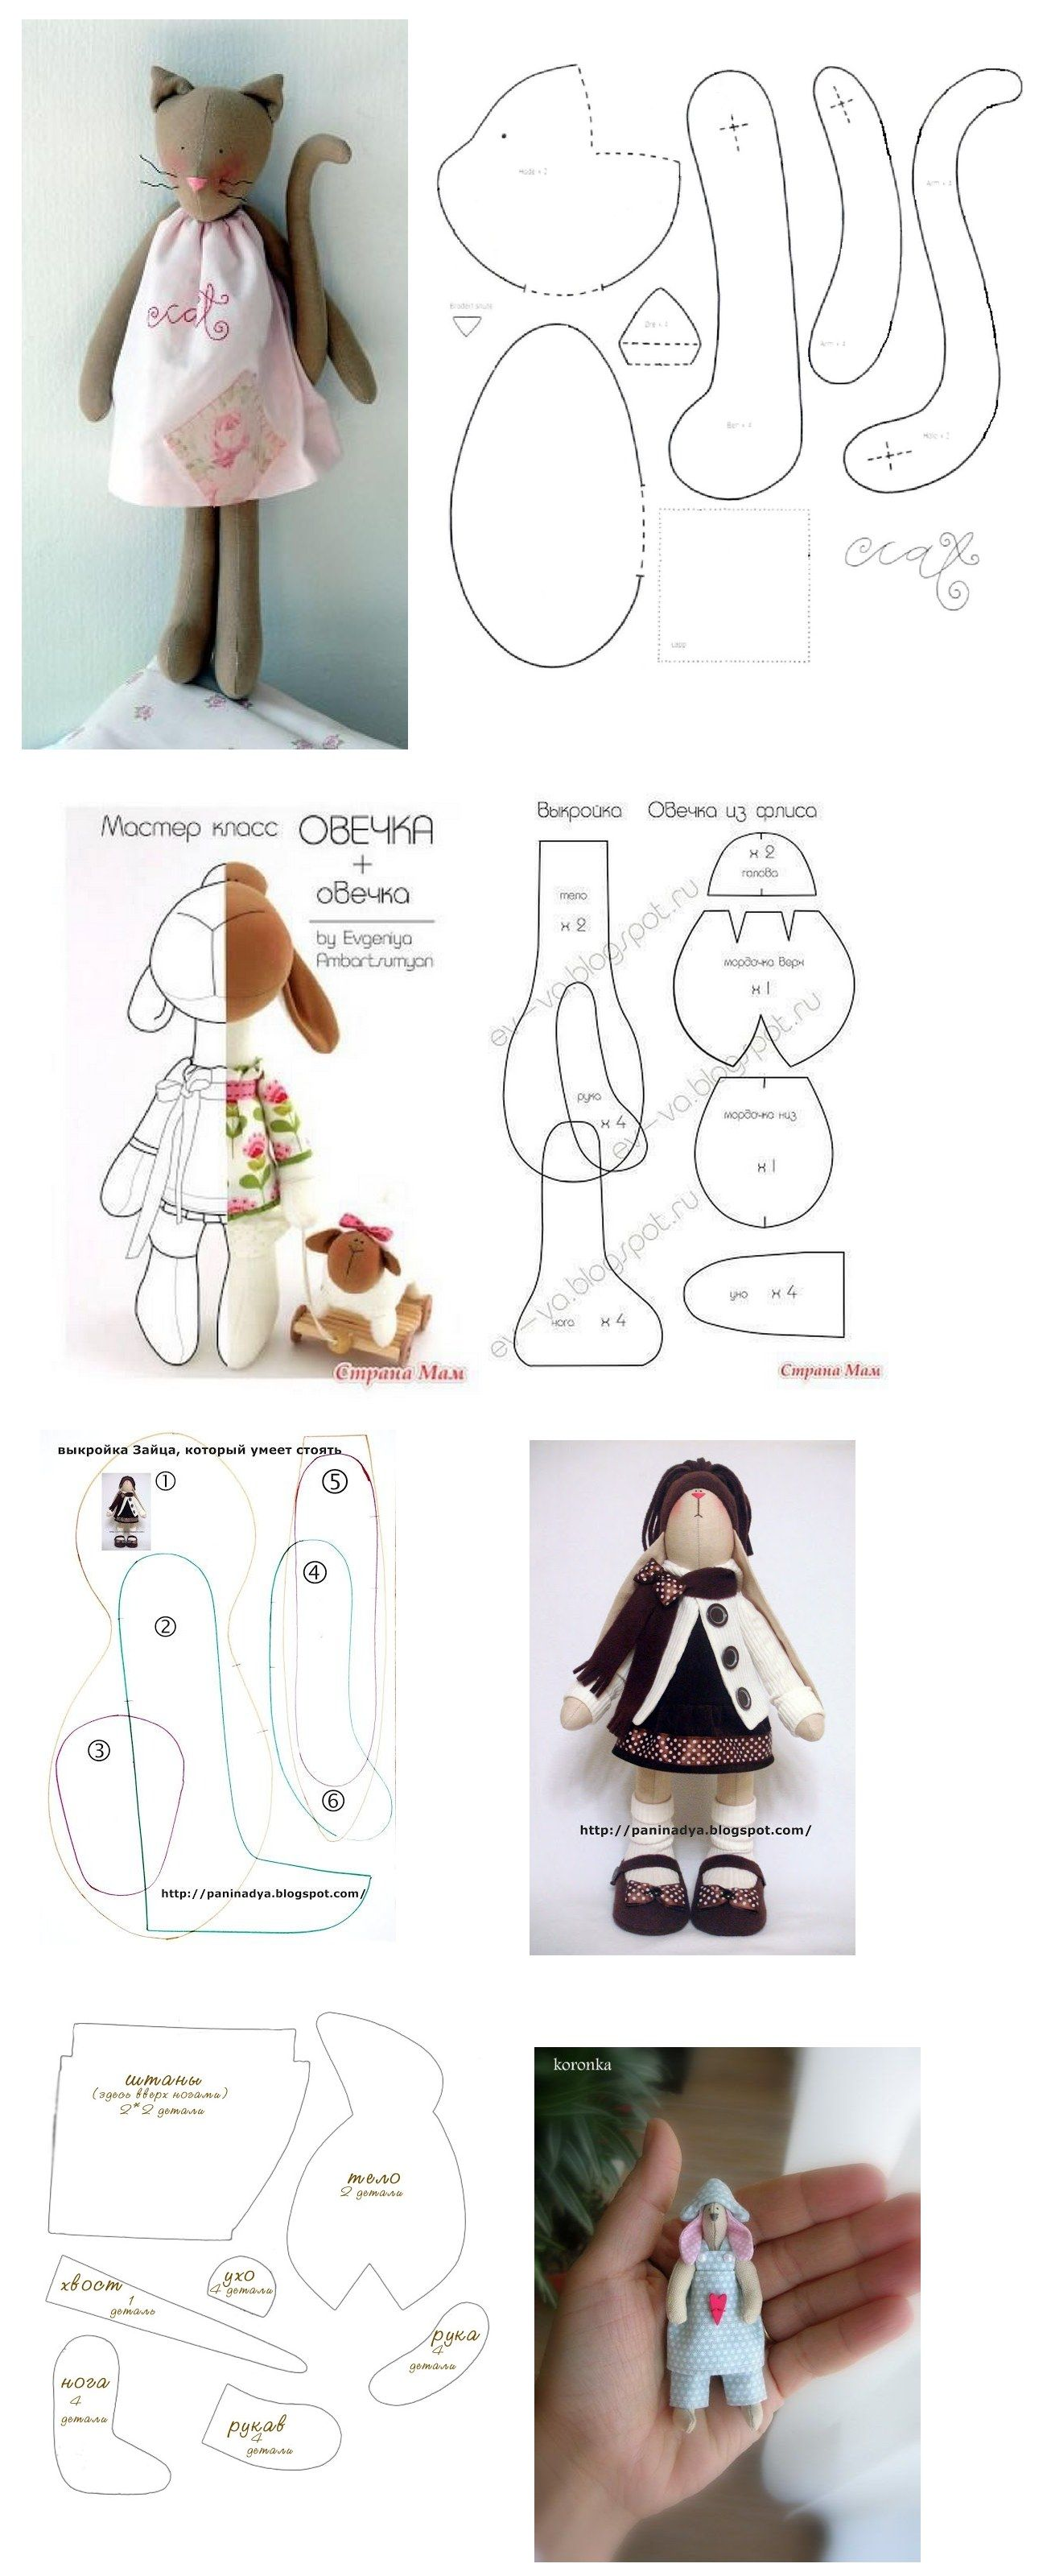 kleine Figuren nach Tilda | Nähen | Pinterest | Figuren, Nähen und ...